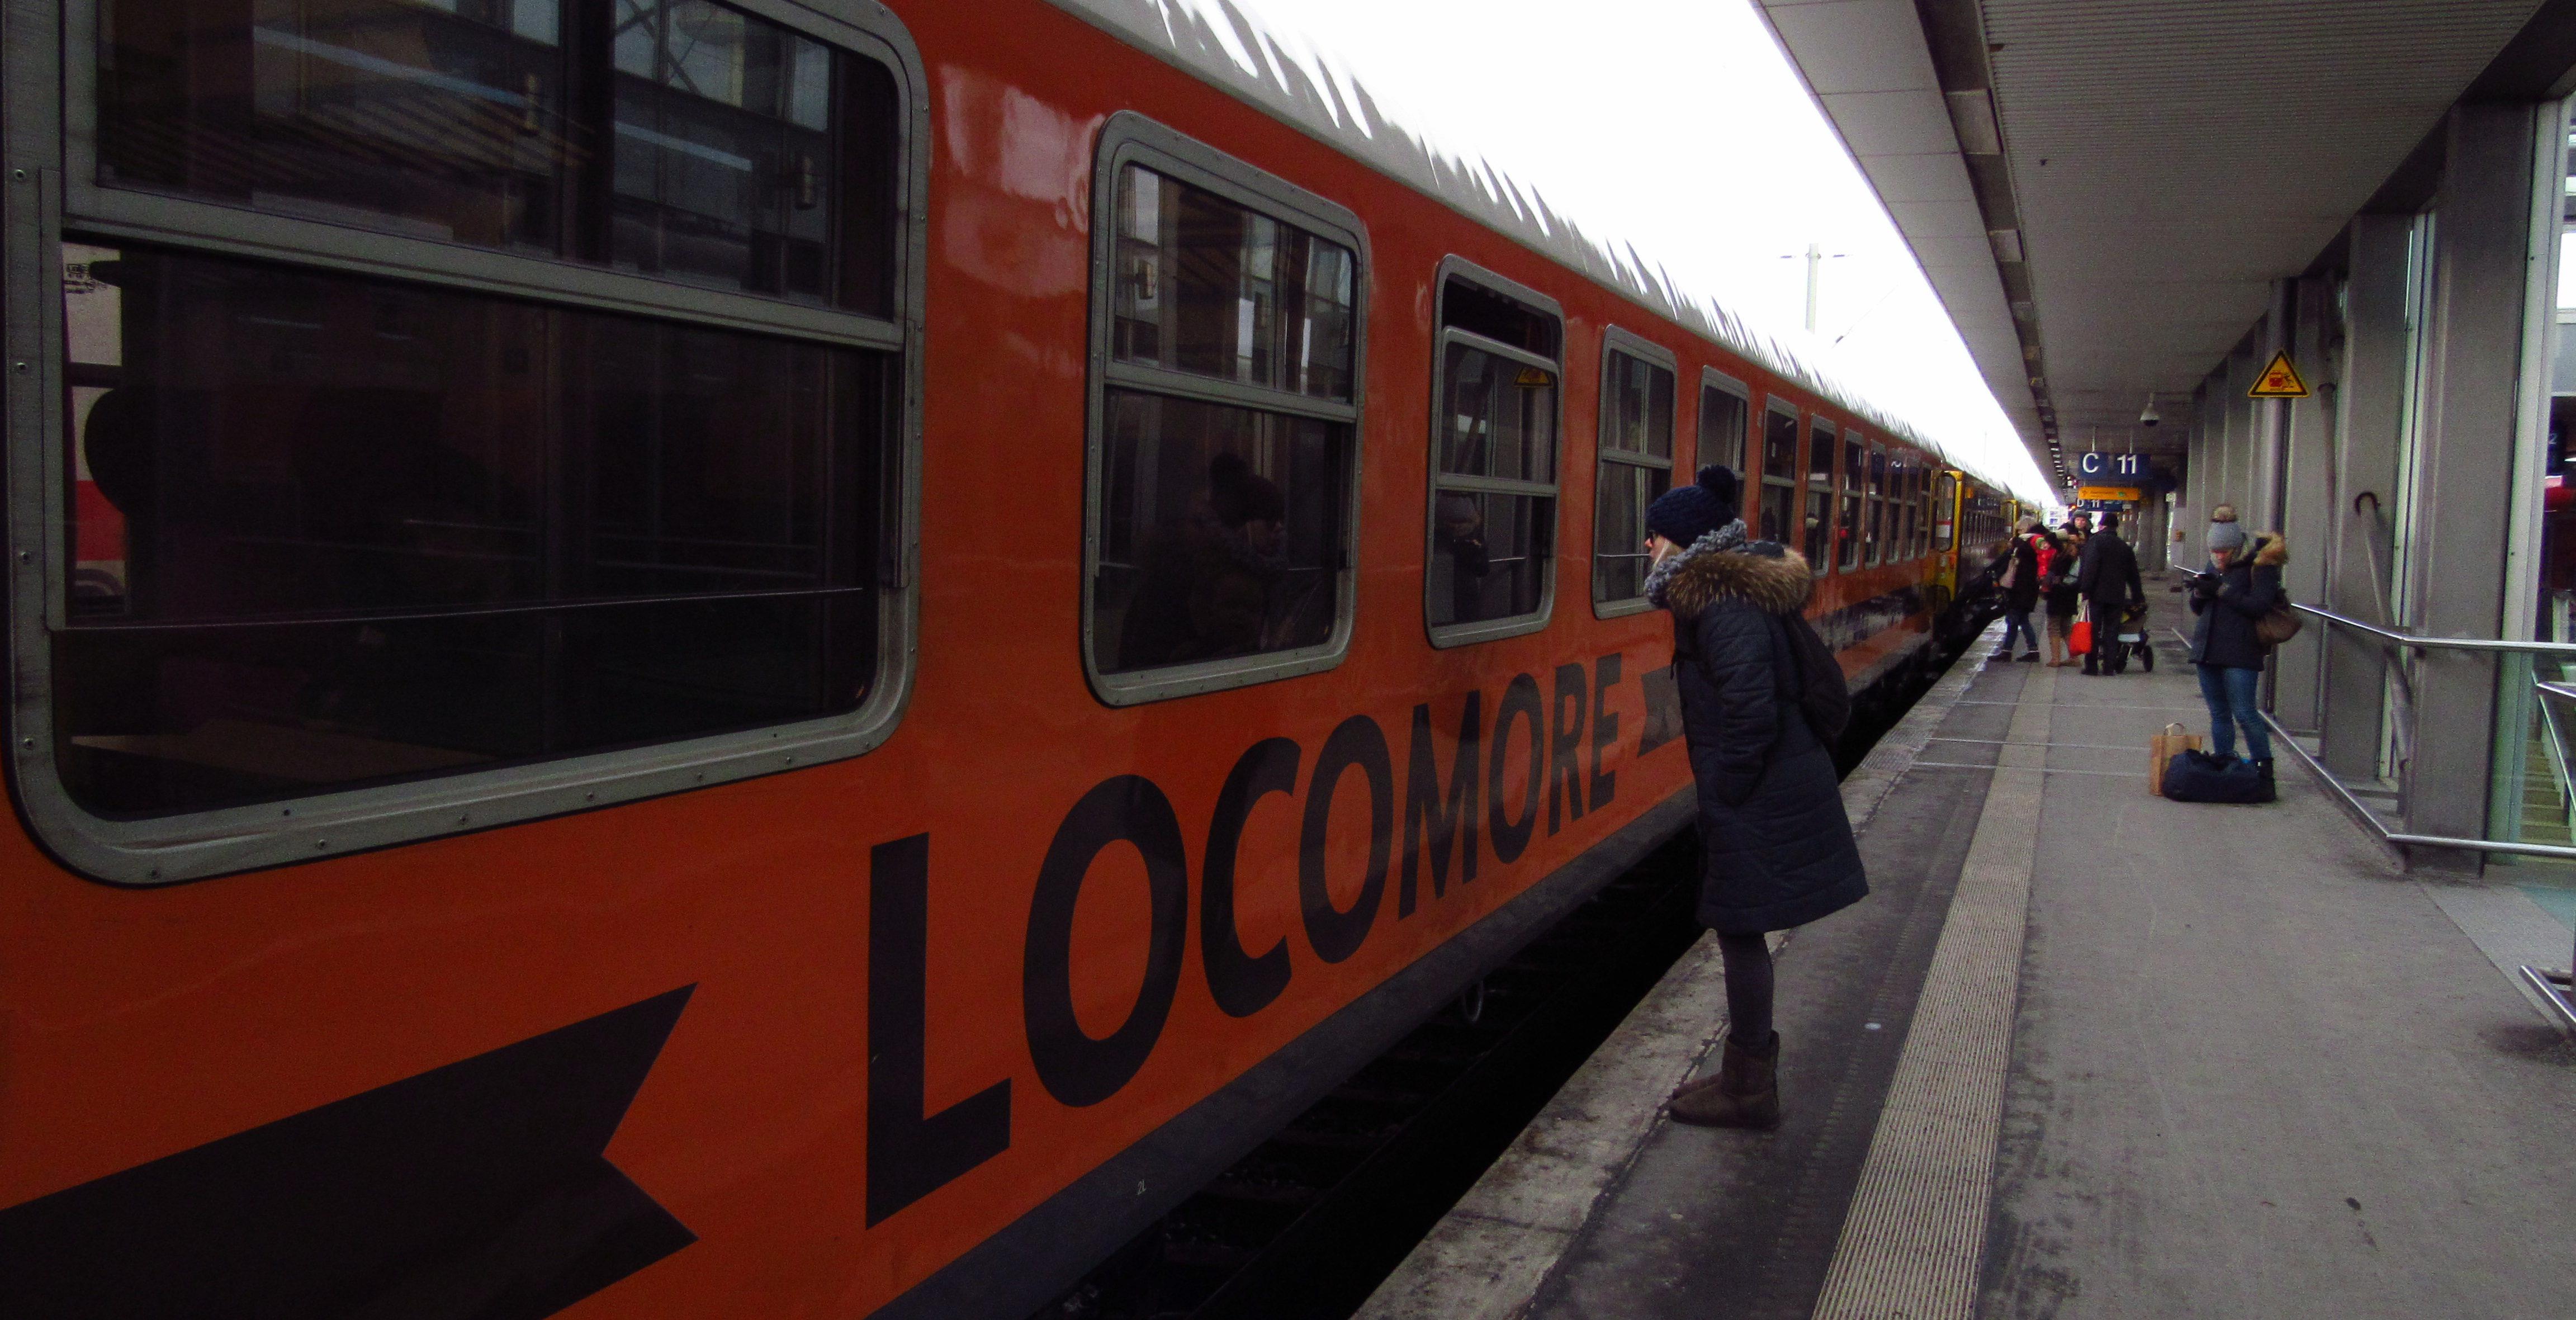 Verabschiedung am Fenster von Locomore. Das leuchtende Orange der Waggons sticht an den Bahnhöfen hervor Foto: Viola Heeger